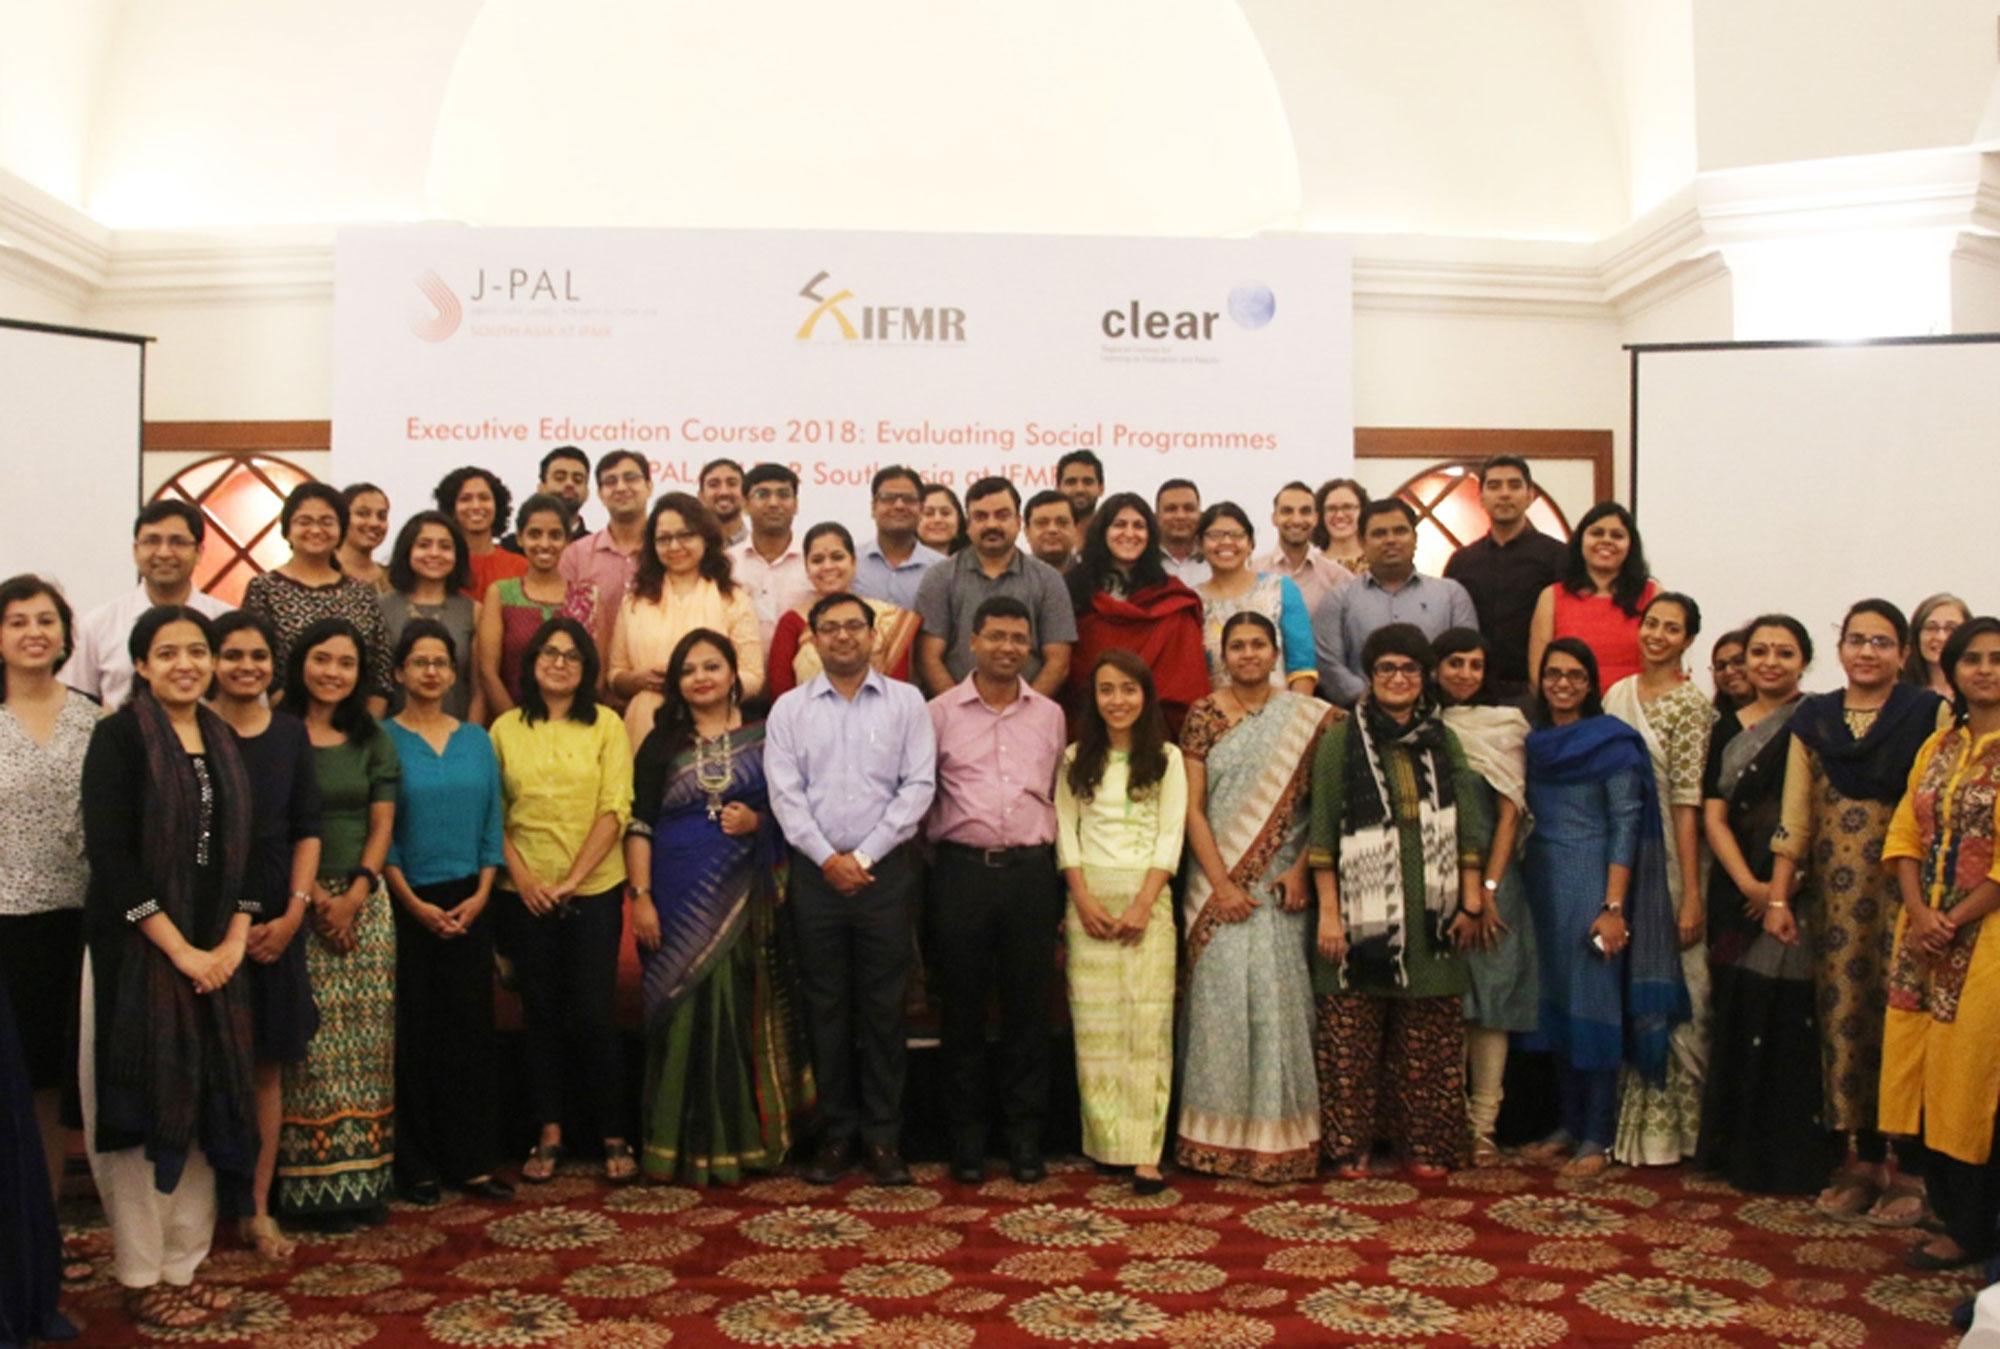 South Asia executive education